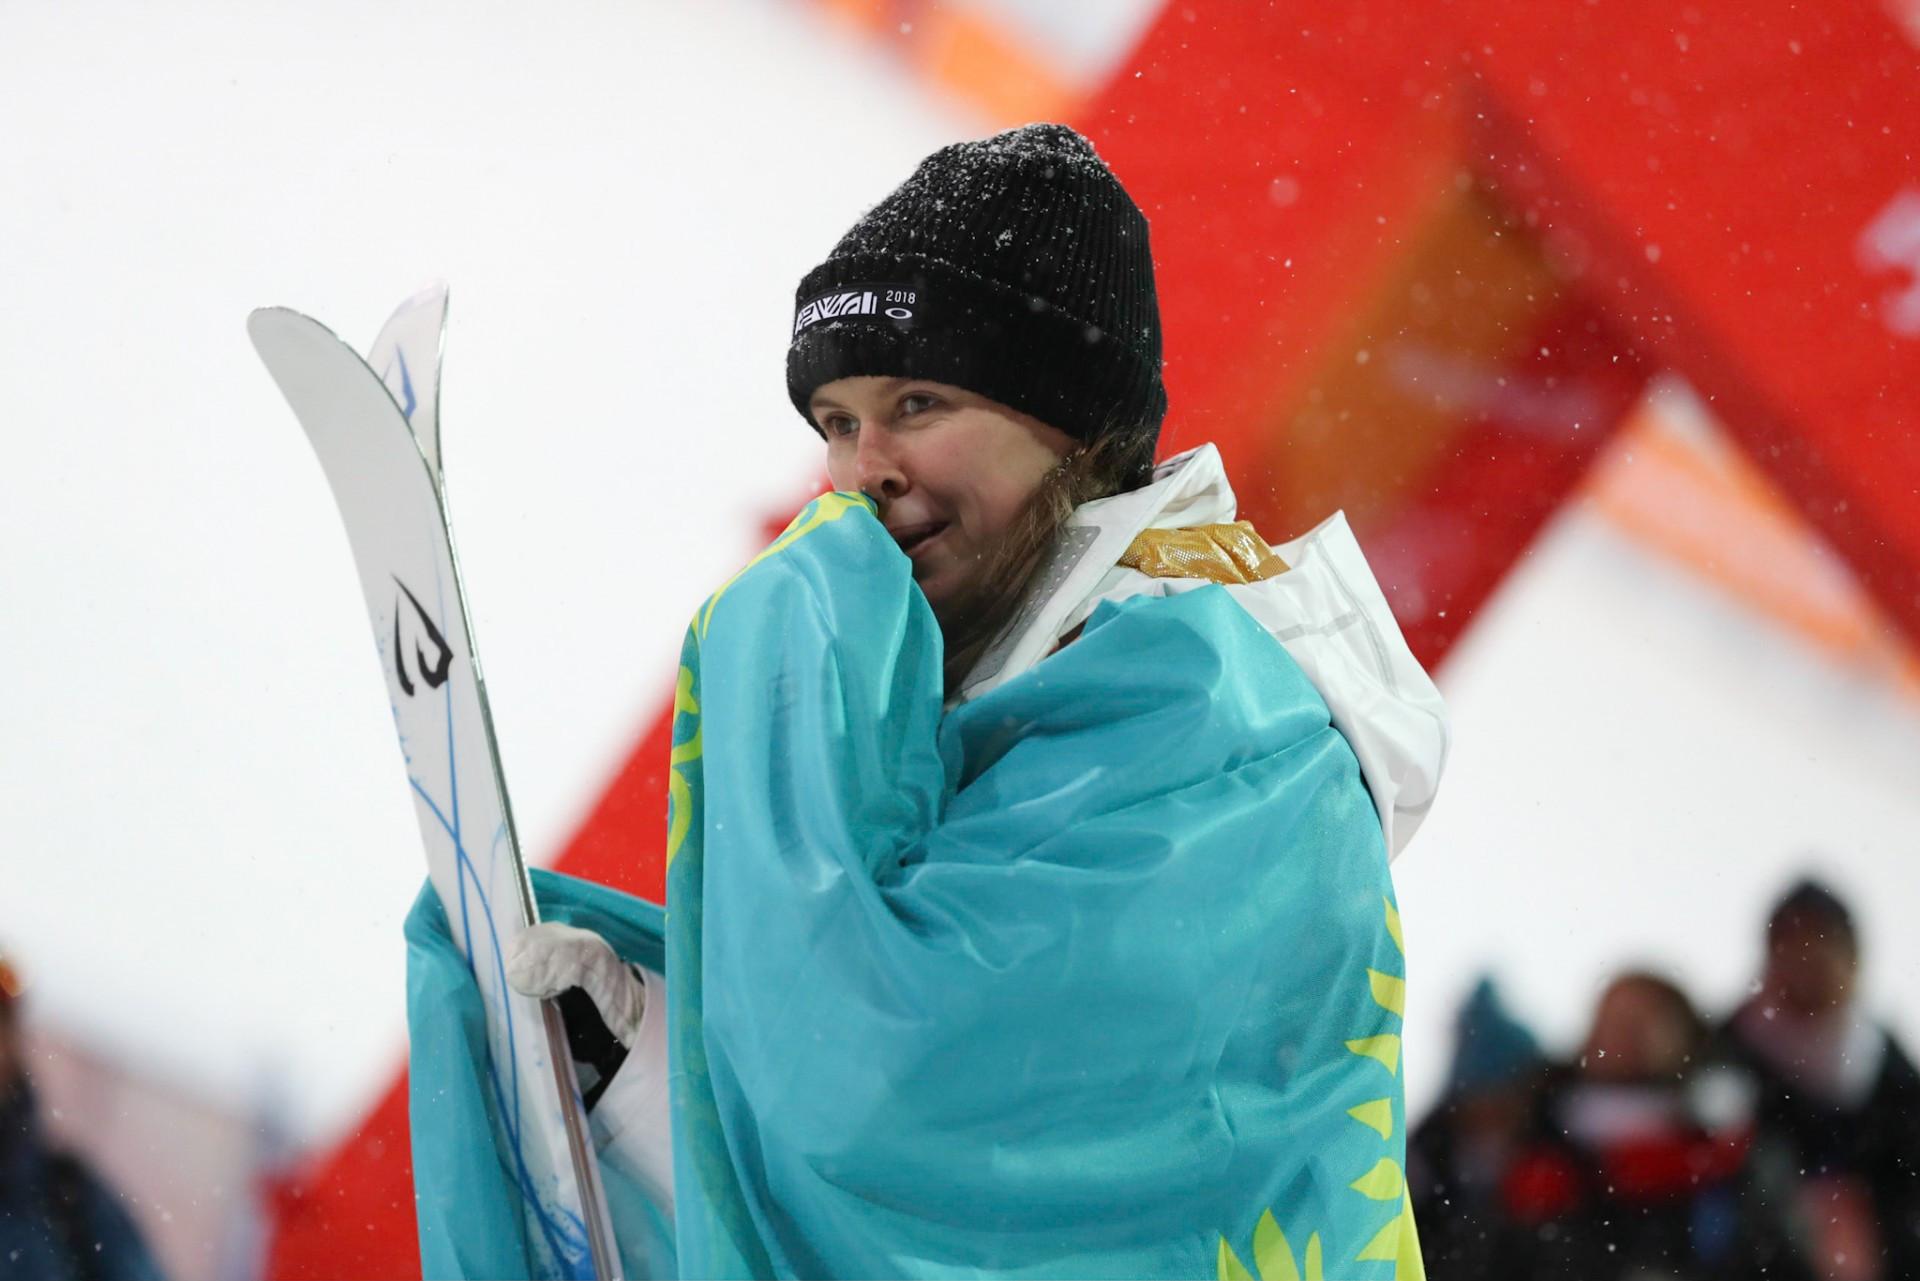 Казахстанка стала первой на этапе Кубка мира по фристайлу